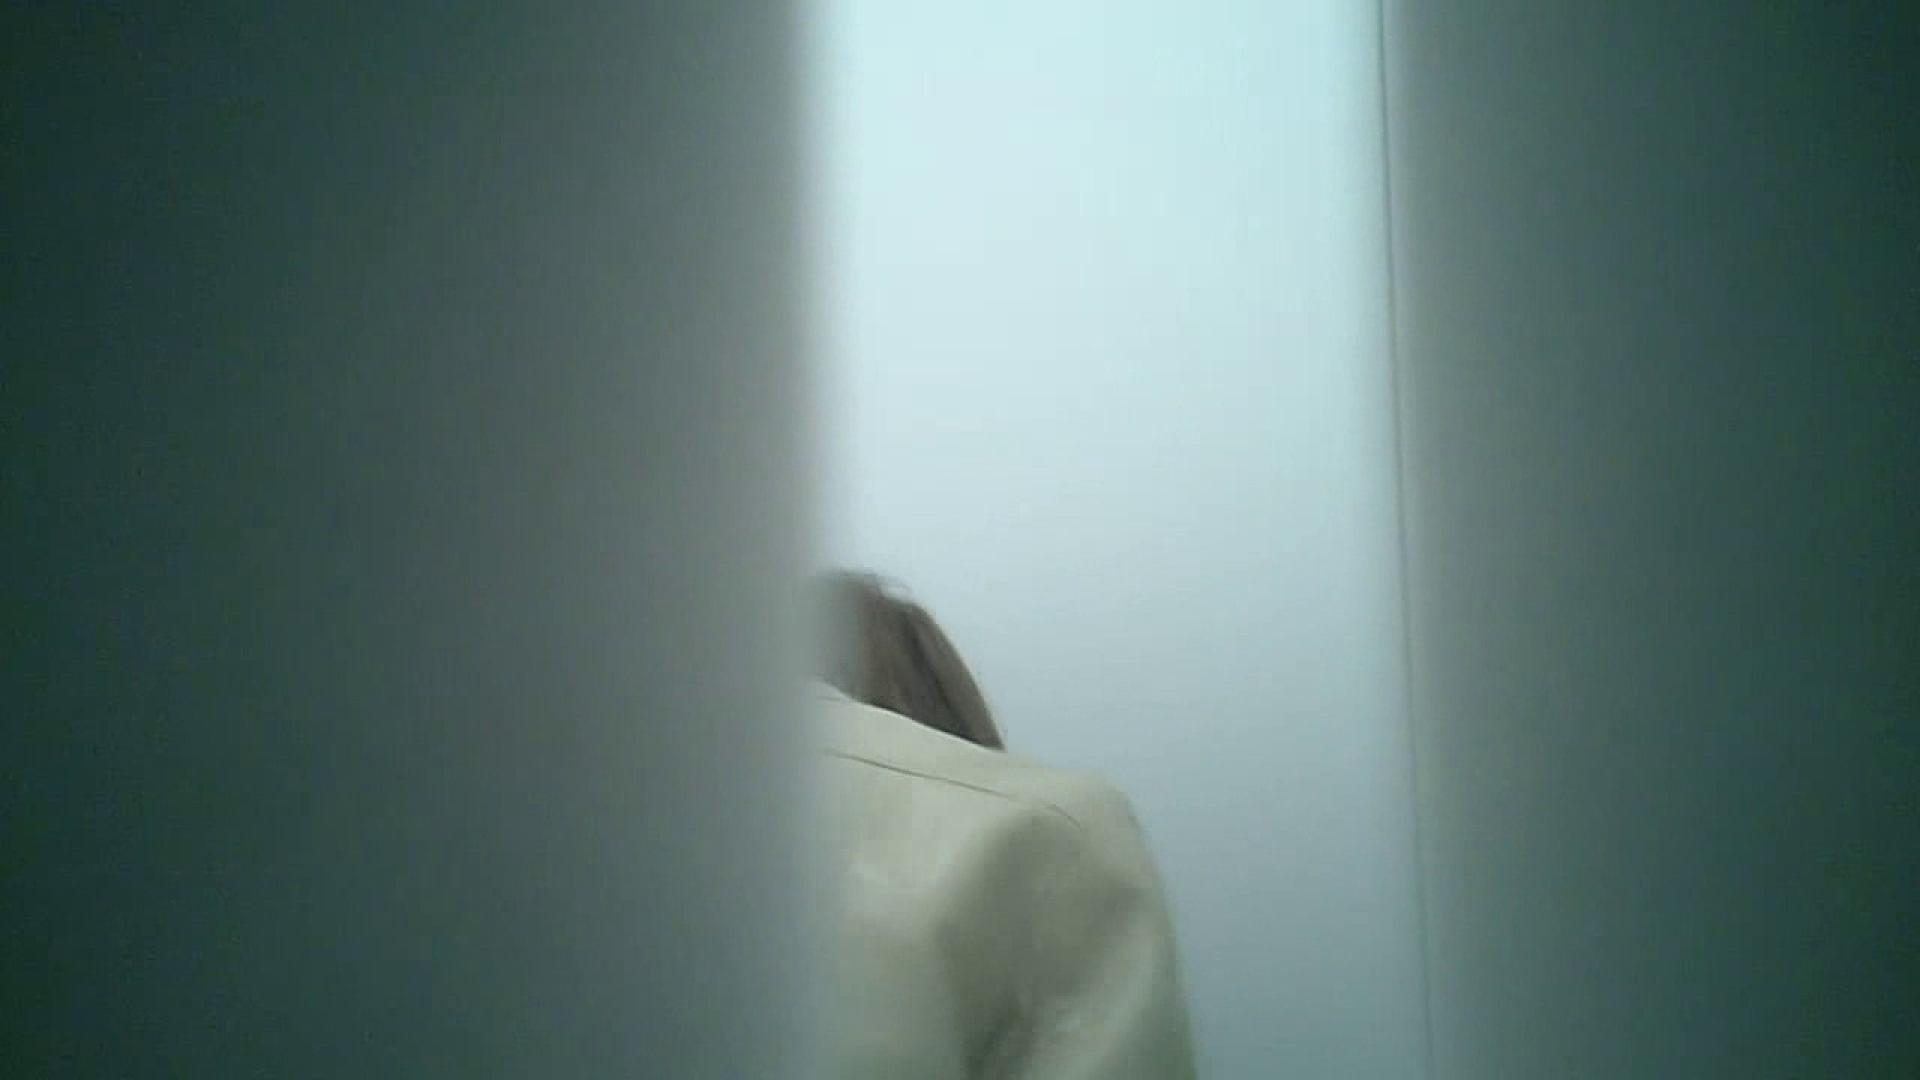 某有名大学女性洗面所 vol.34 今回は、2カメでばっちりいっちゃいました。 投稿 AV無料 84画像 34